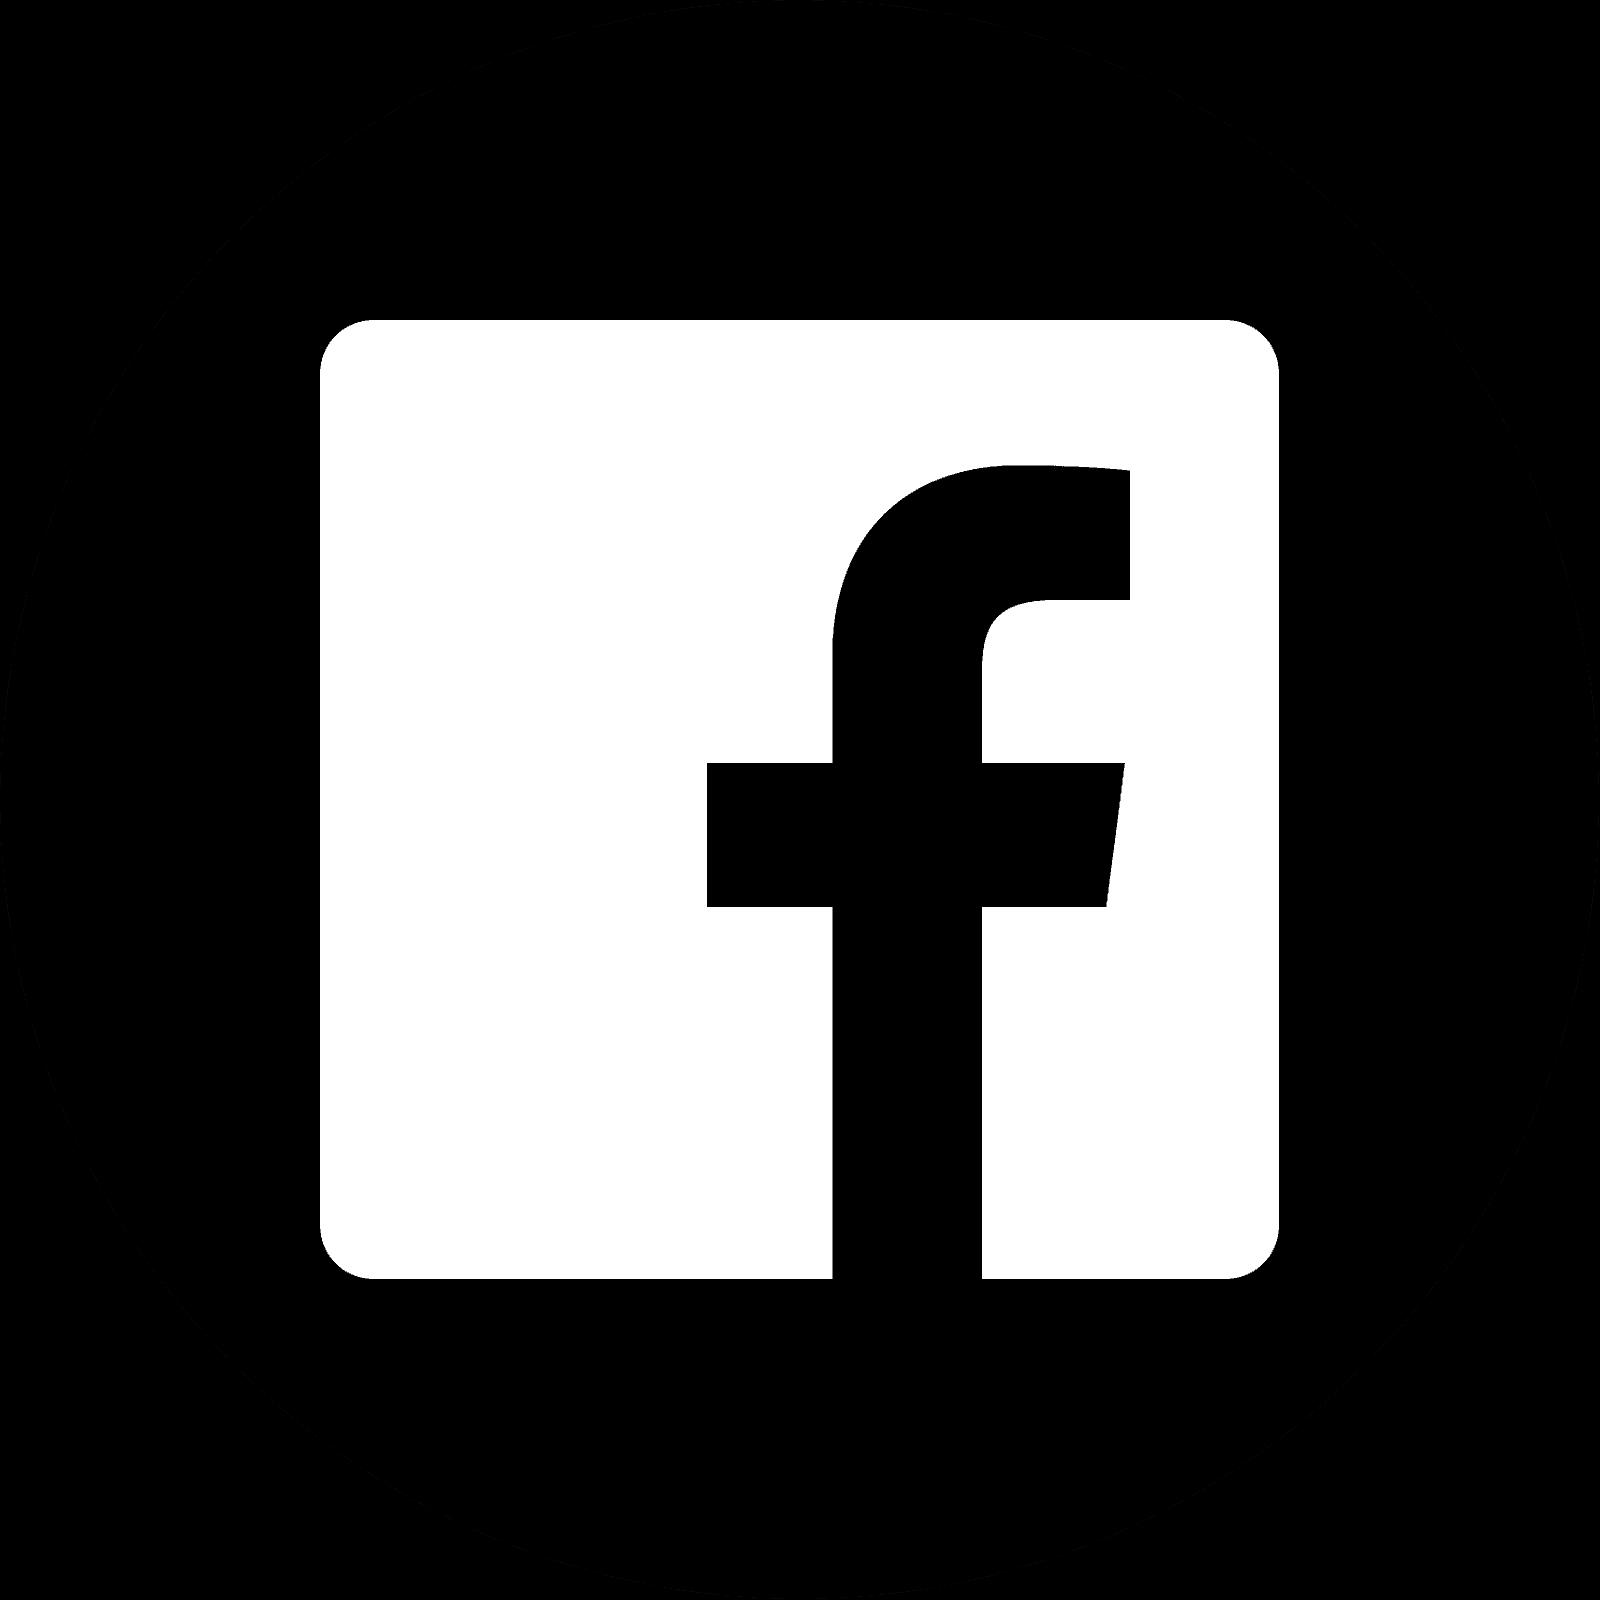 logo facebook blanco